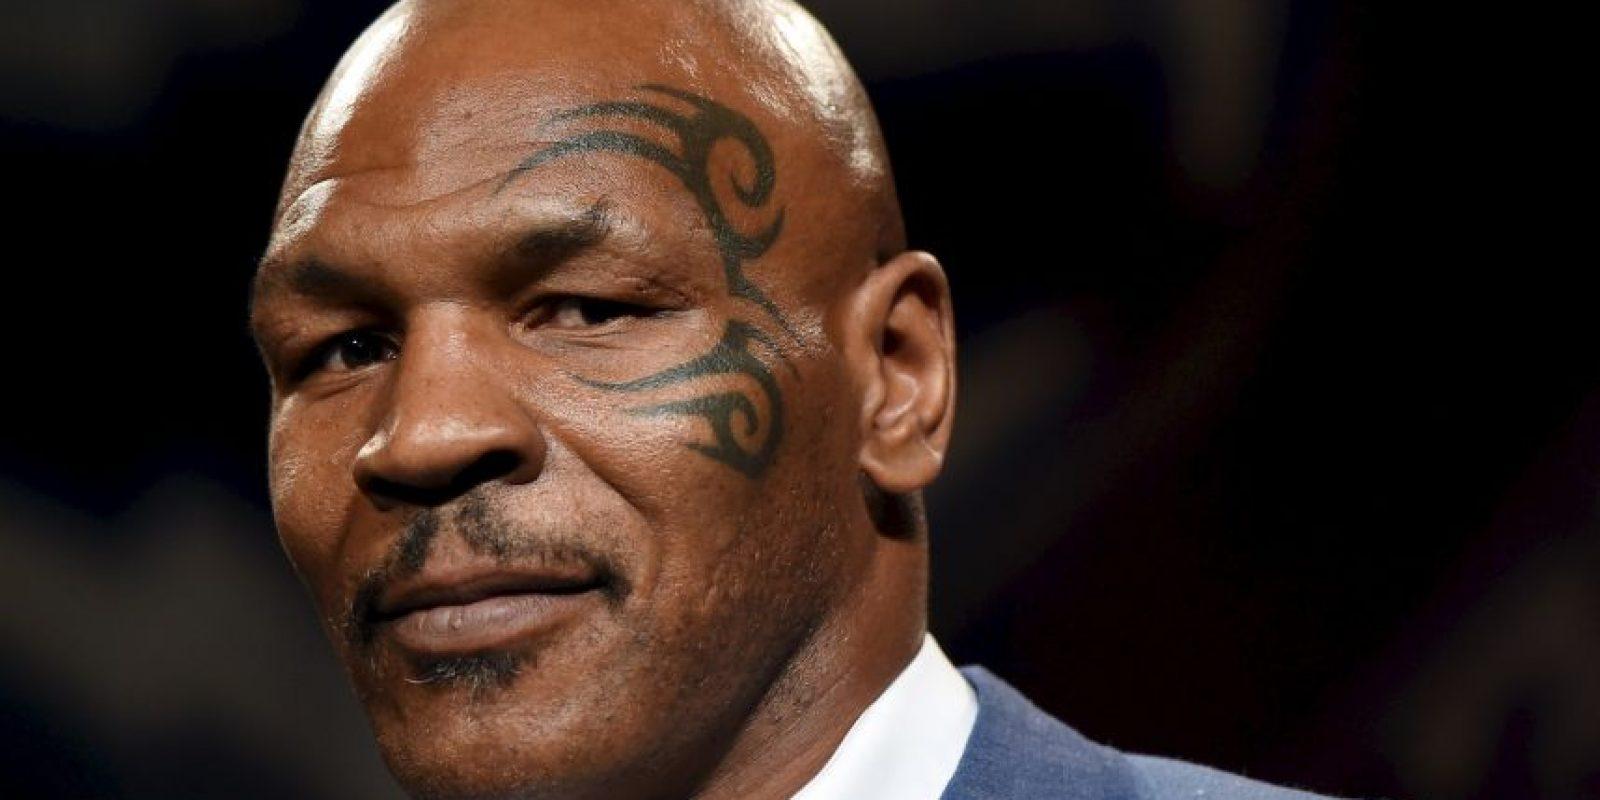 Durante su carrera como boxeador, Mike Tyson llegó a tener una fortuna de 300 millones de dólares. Foto:Getty Images